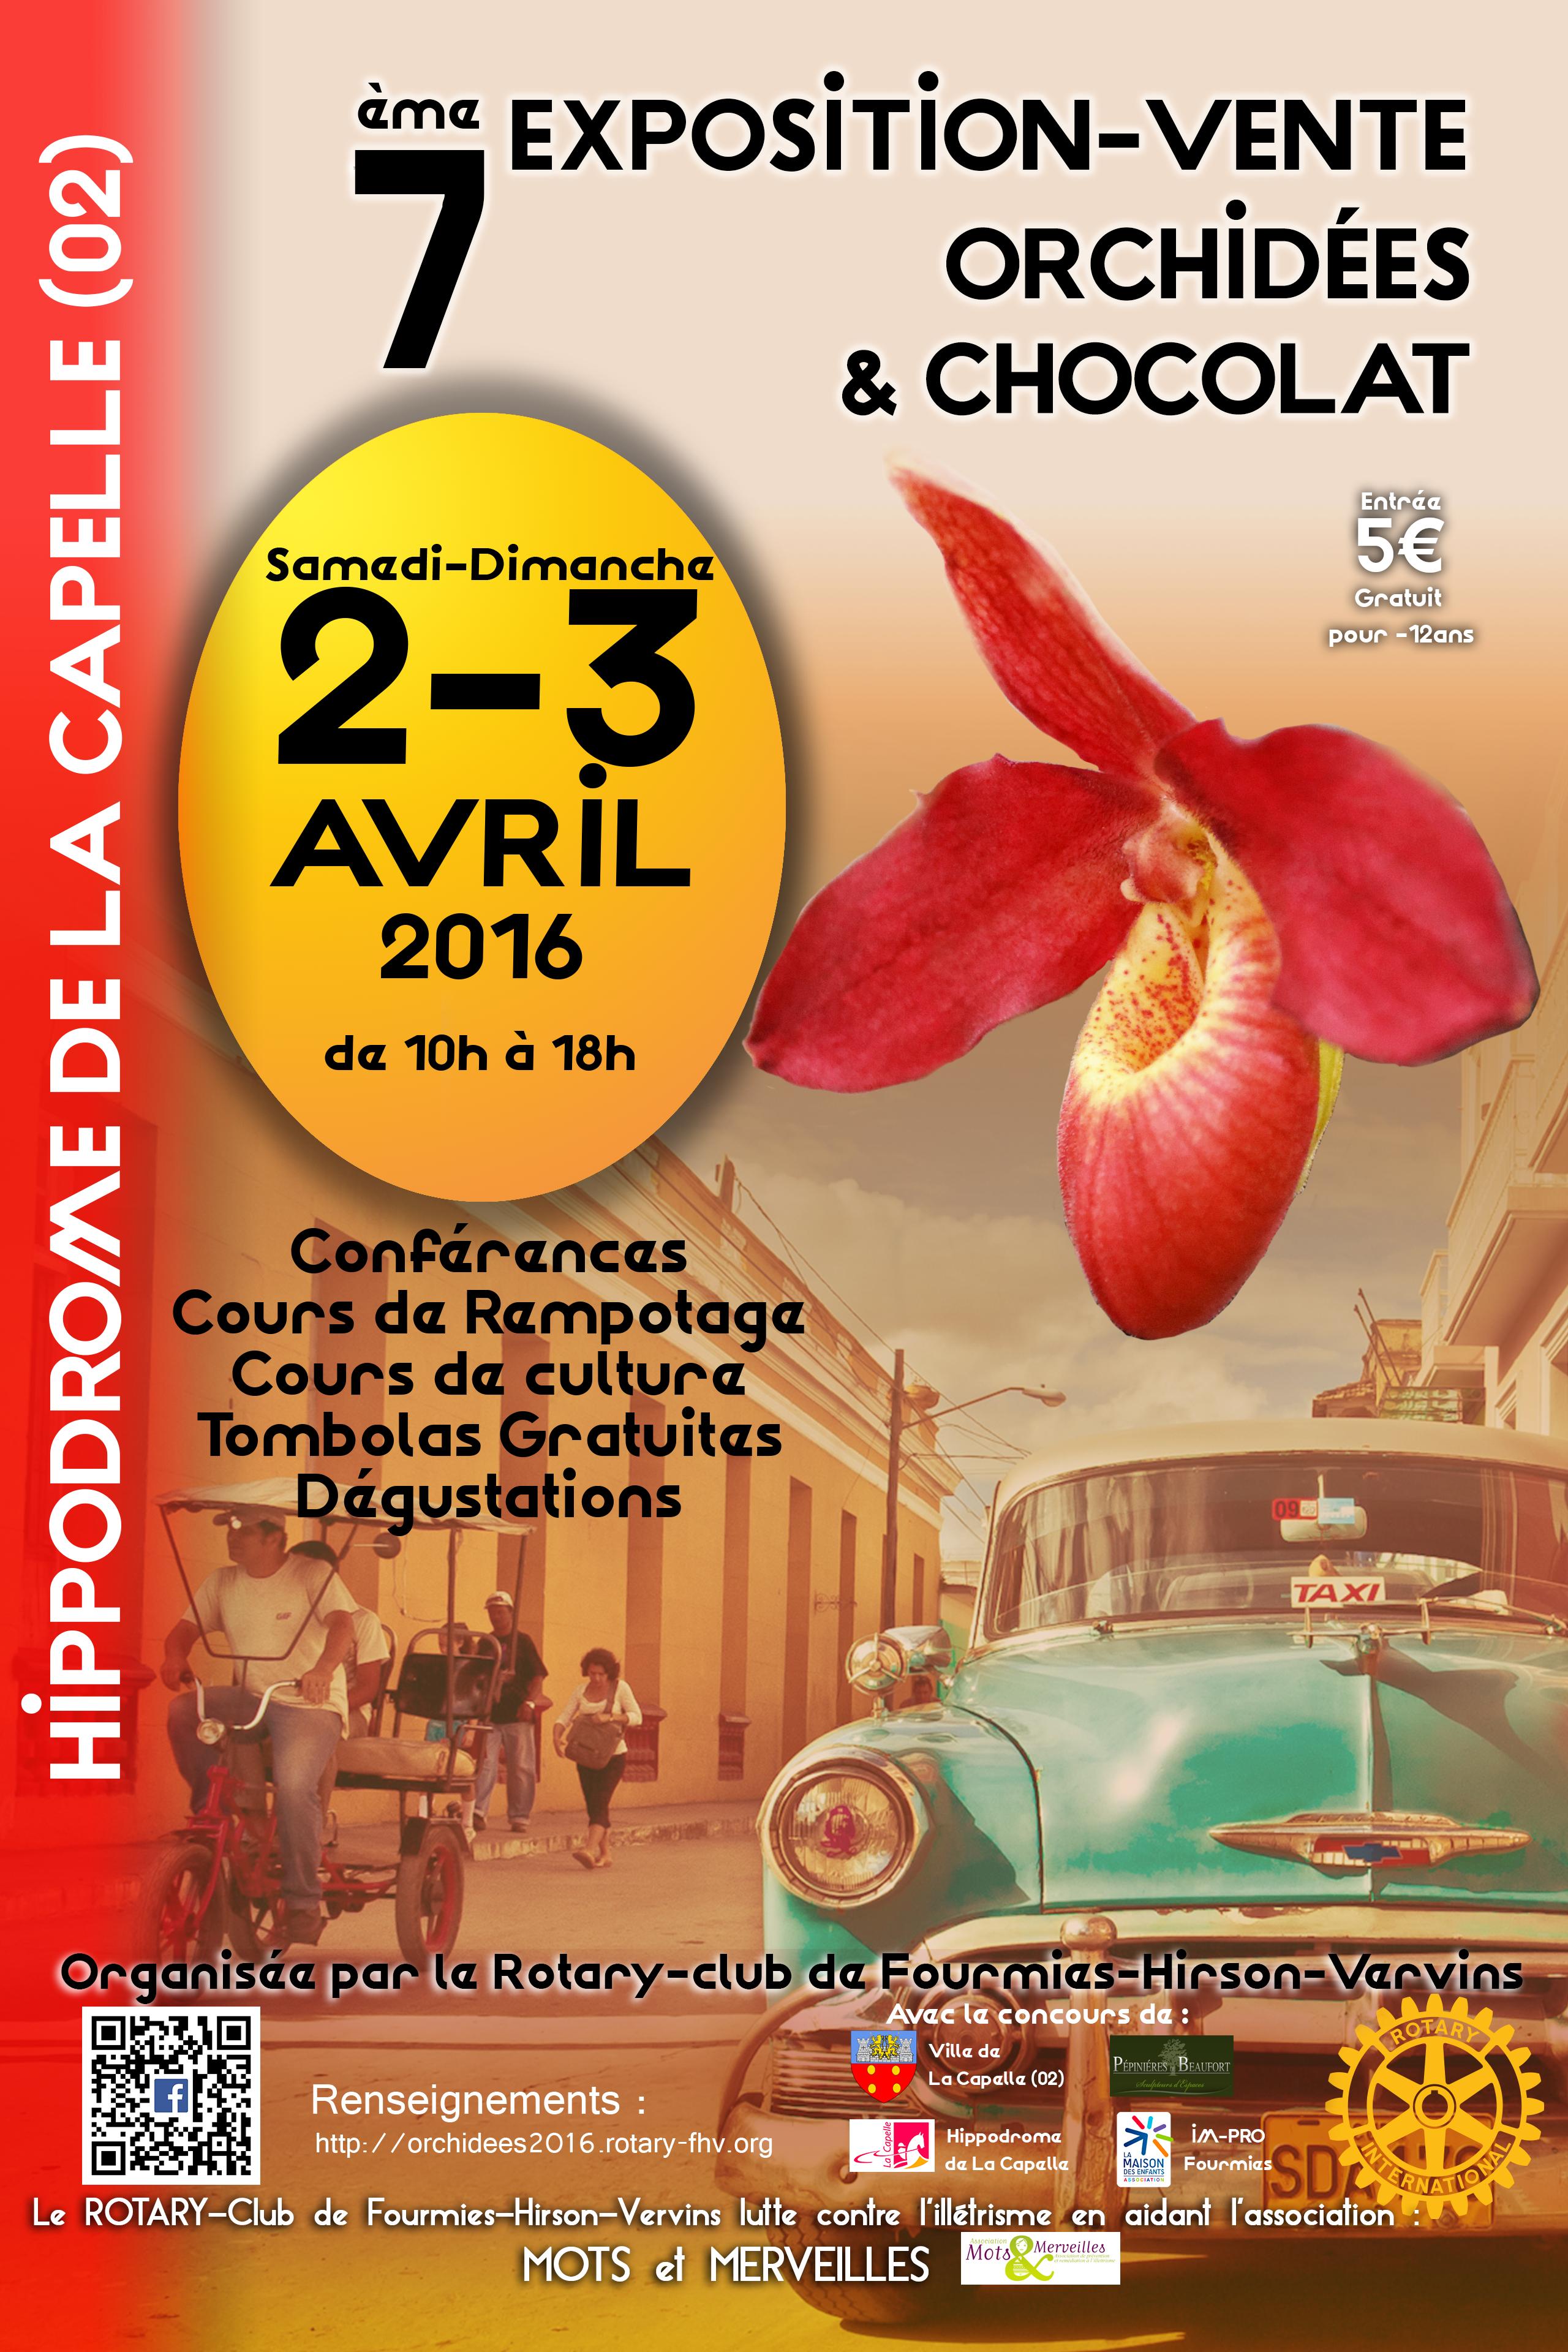 Dates des expos d'orchidées en 2016 - Page 4 Orxhidees-2016-affiche